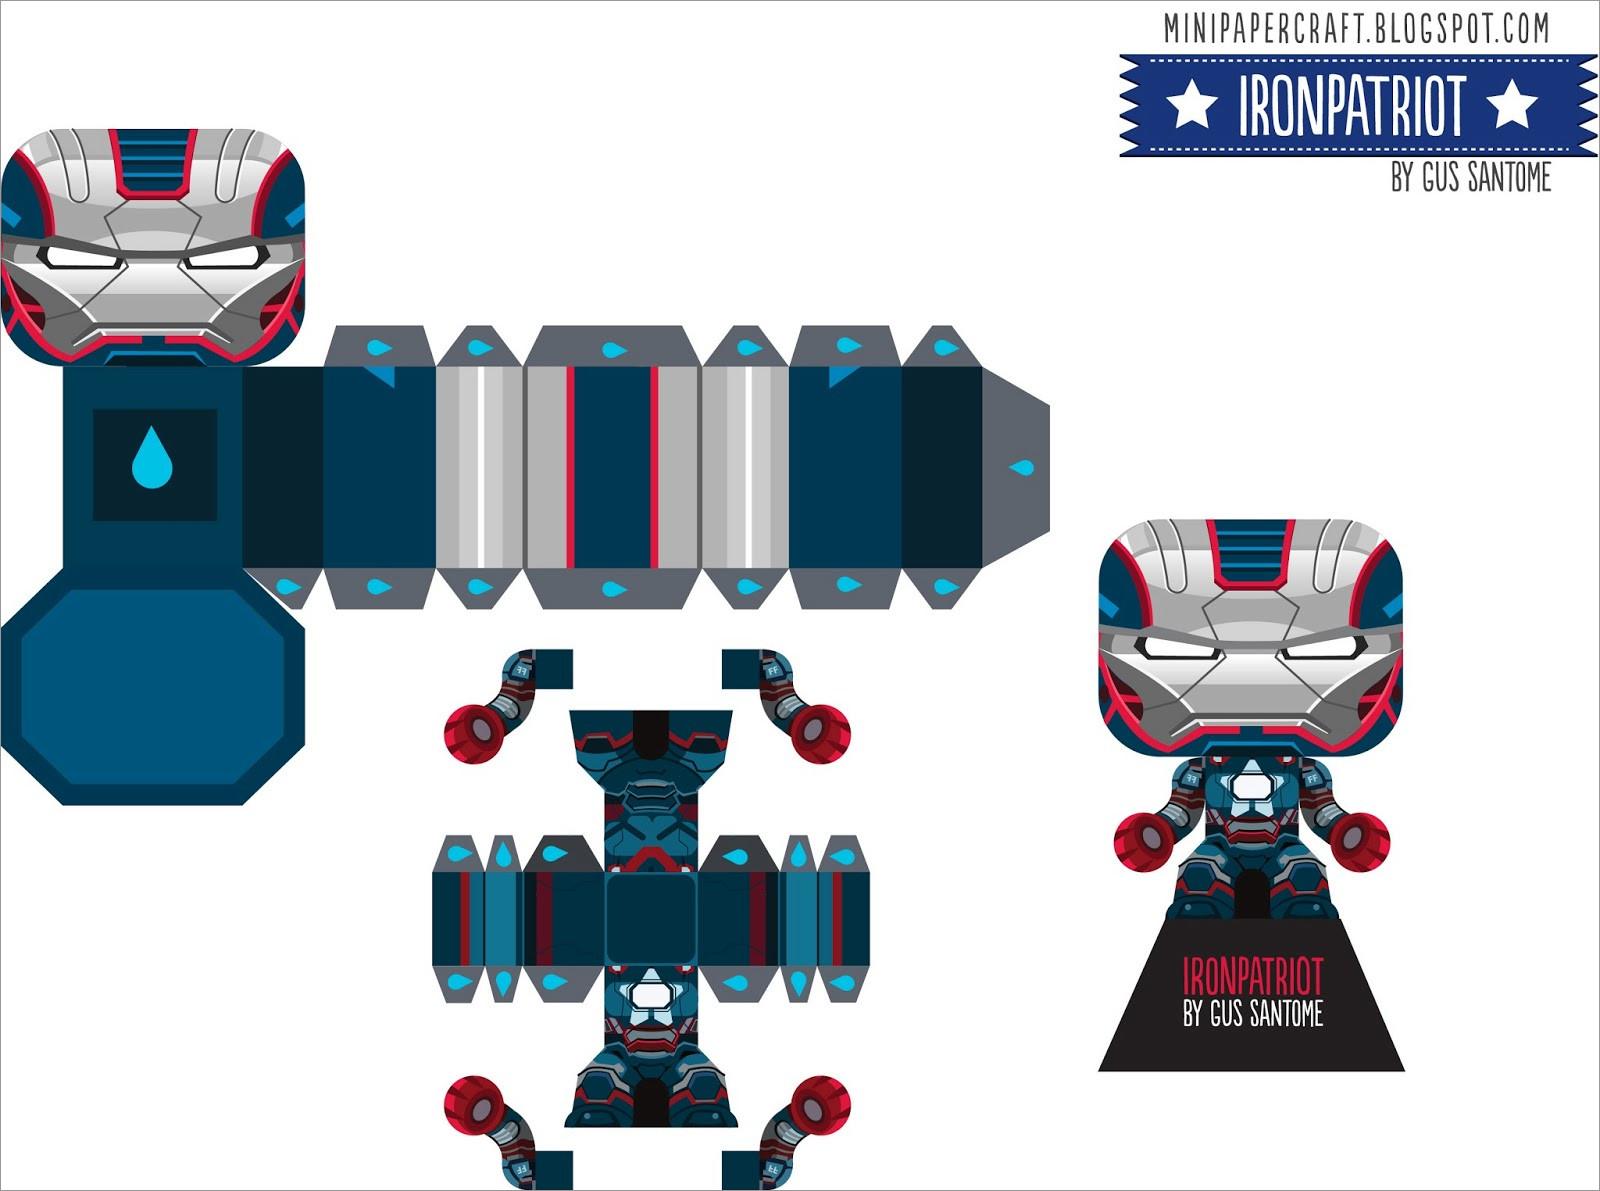 Ironman Papercraft Mini Papercraft Iron Man Ironpatriot